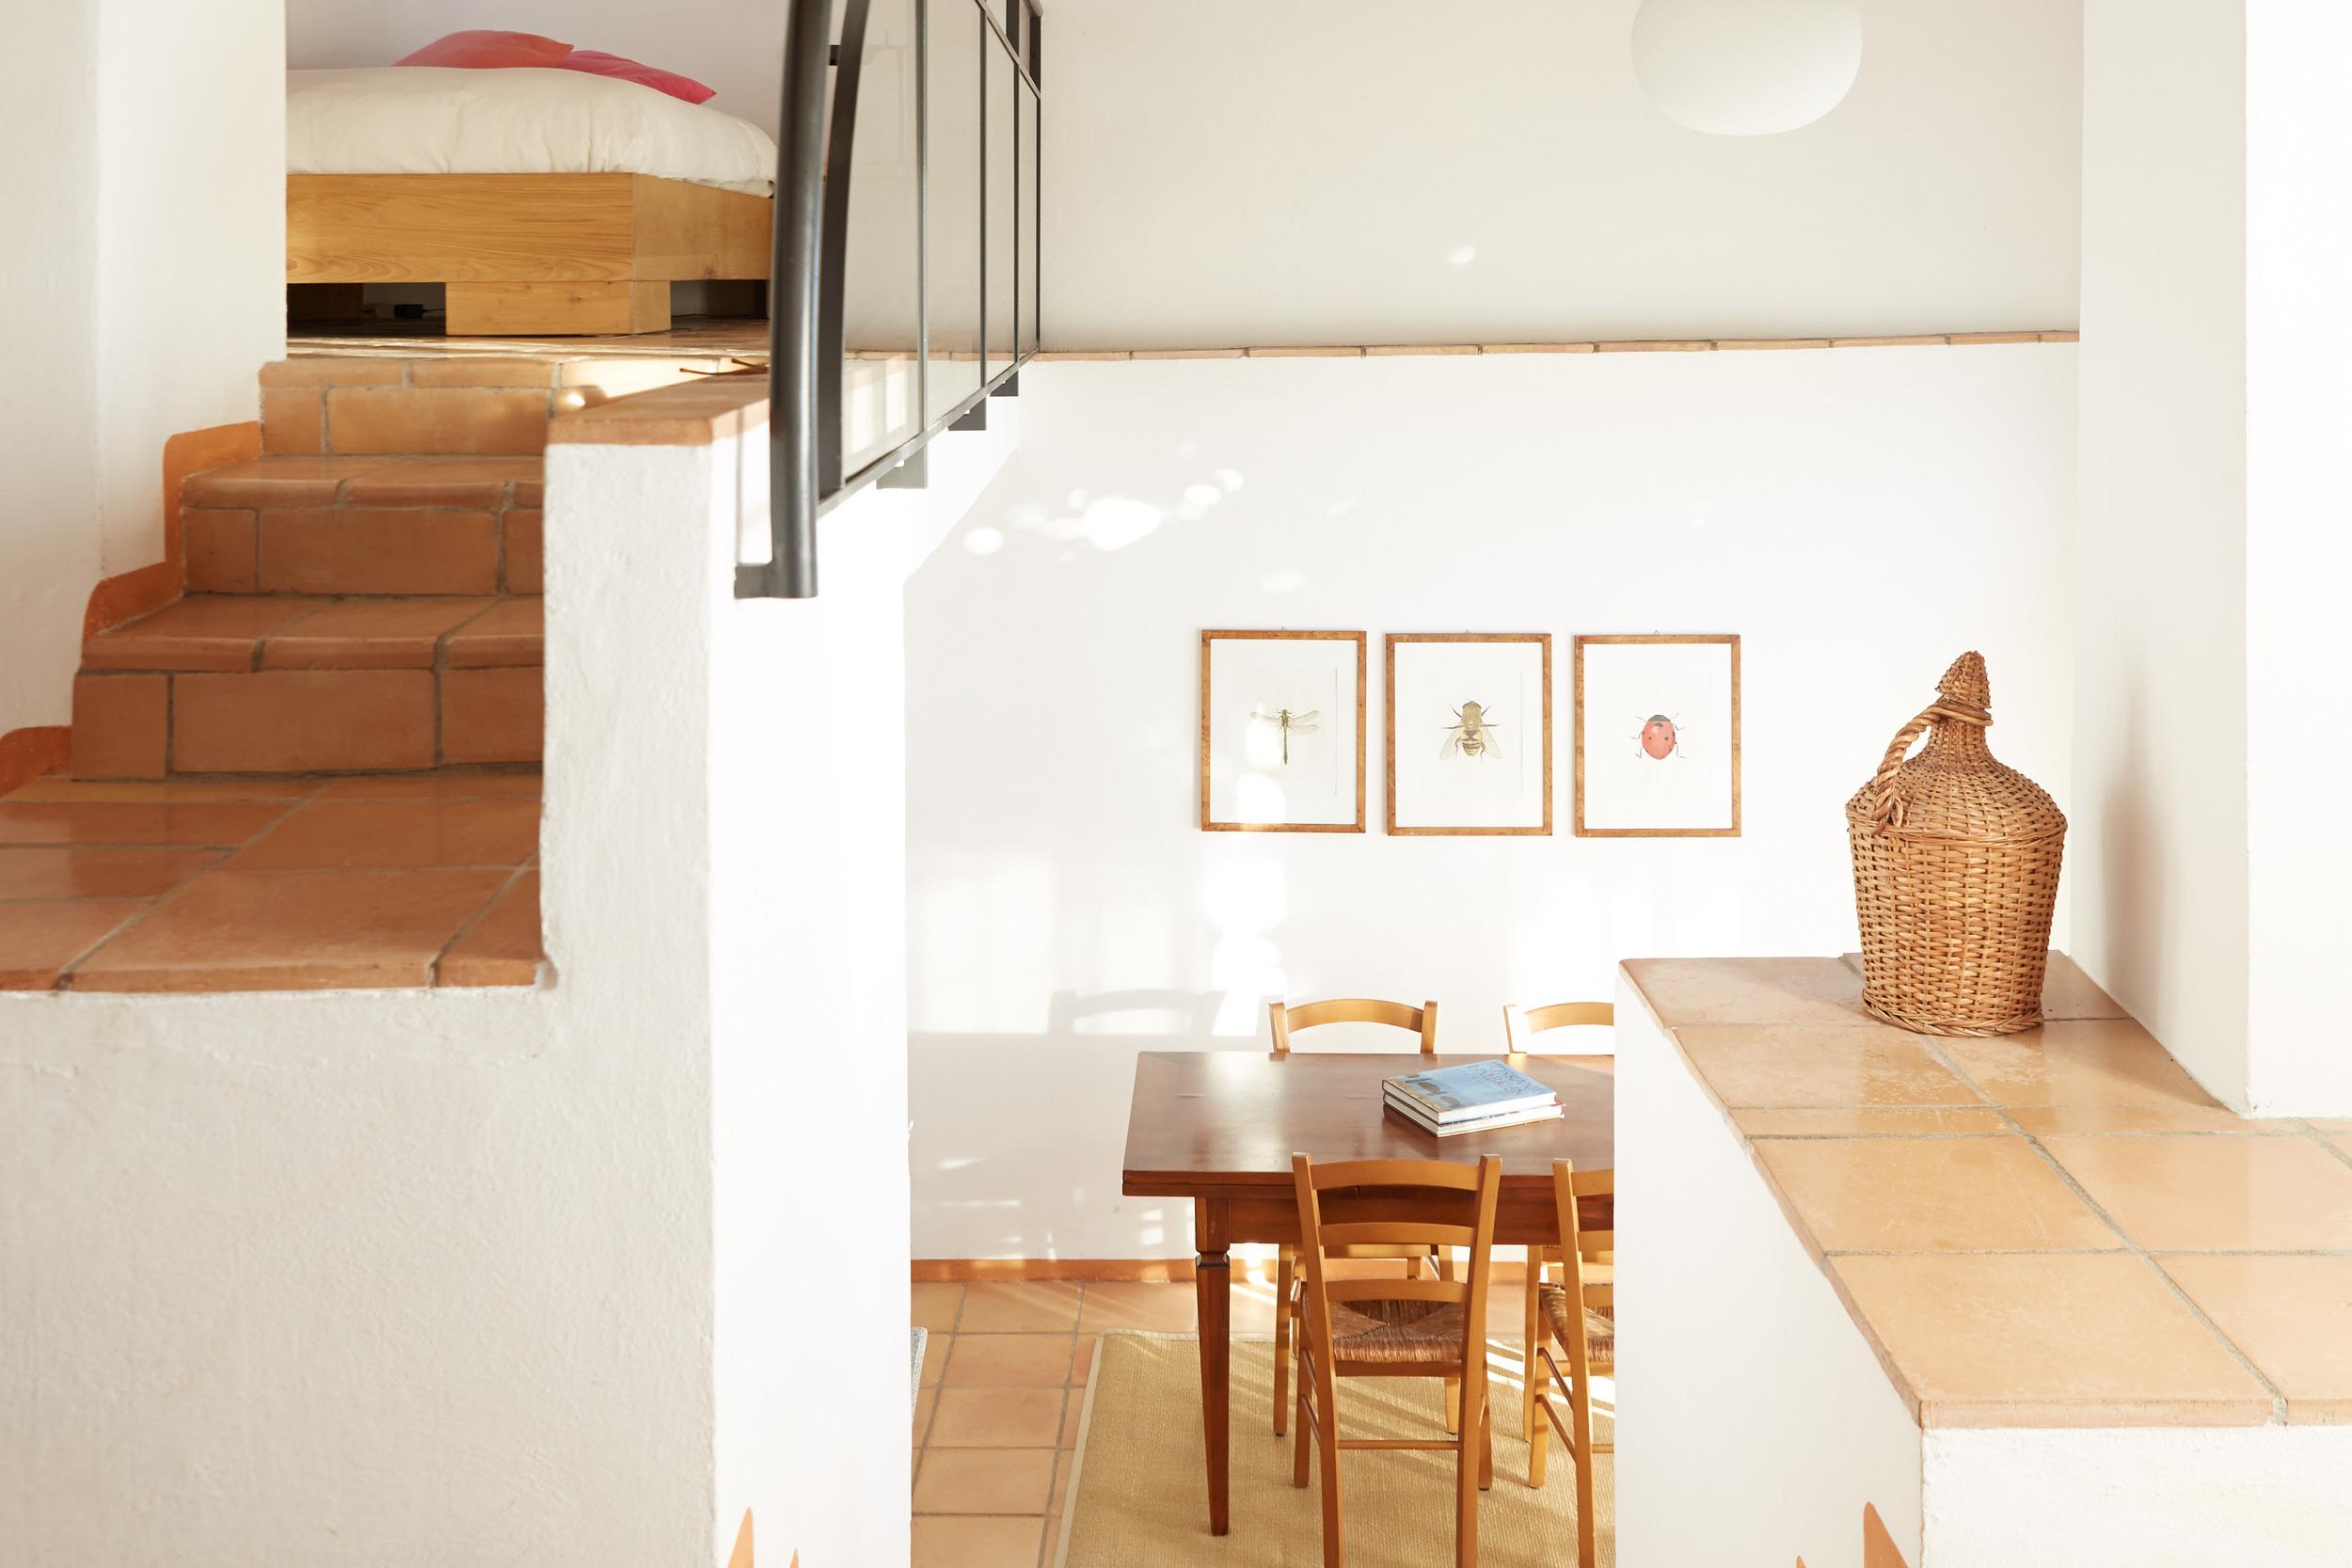 Die spektakuläre Wohnung auf drei Ebenen mit offenem Layout, für 2-3 Personen.  Ab 144 €/Tag (Off-Saison)